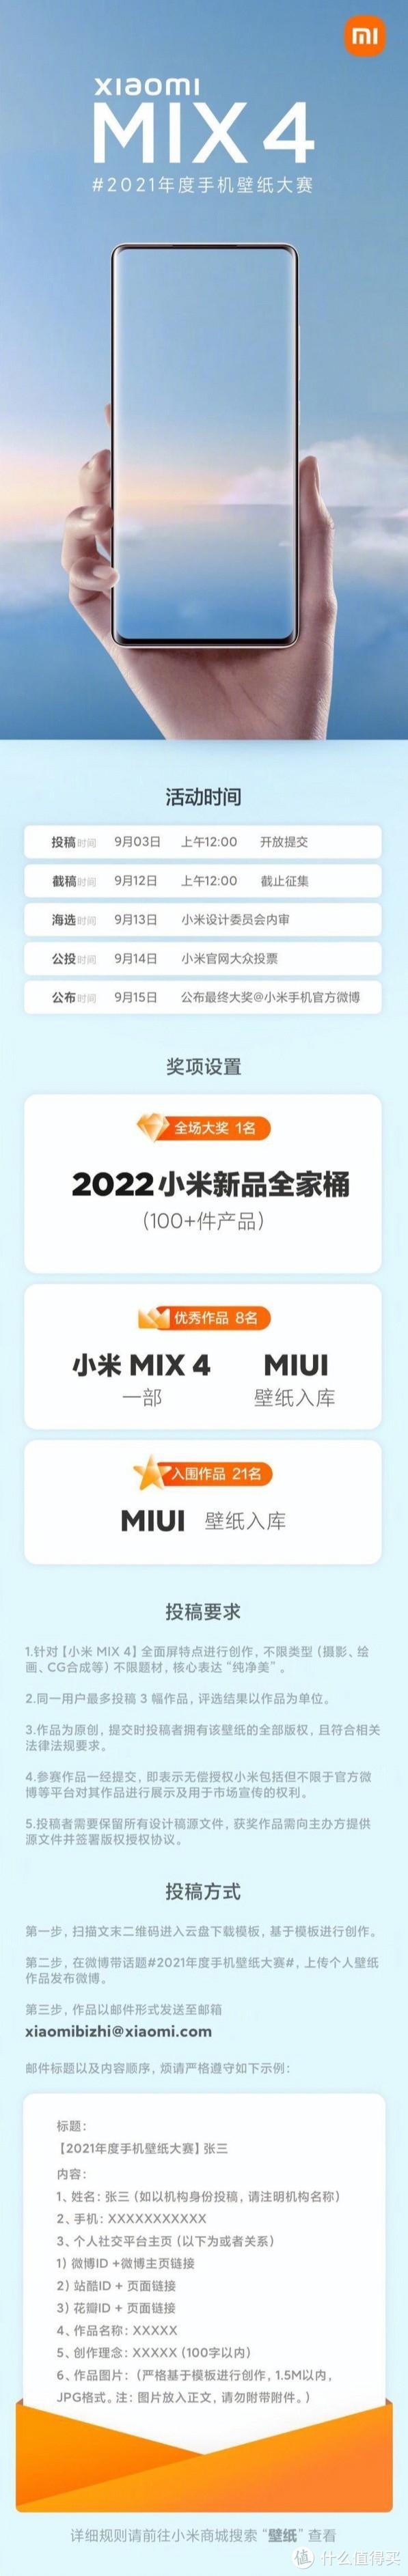 小米发起 2021 年度手机壁纸大赛:征集小米 MIX4 最纯净彩色壁纸